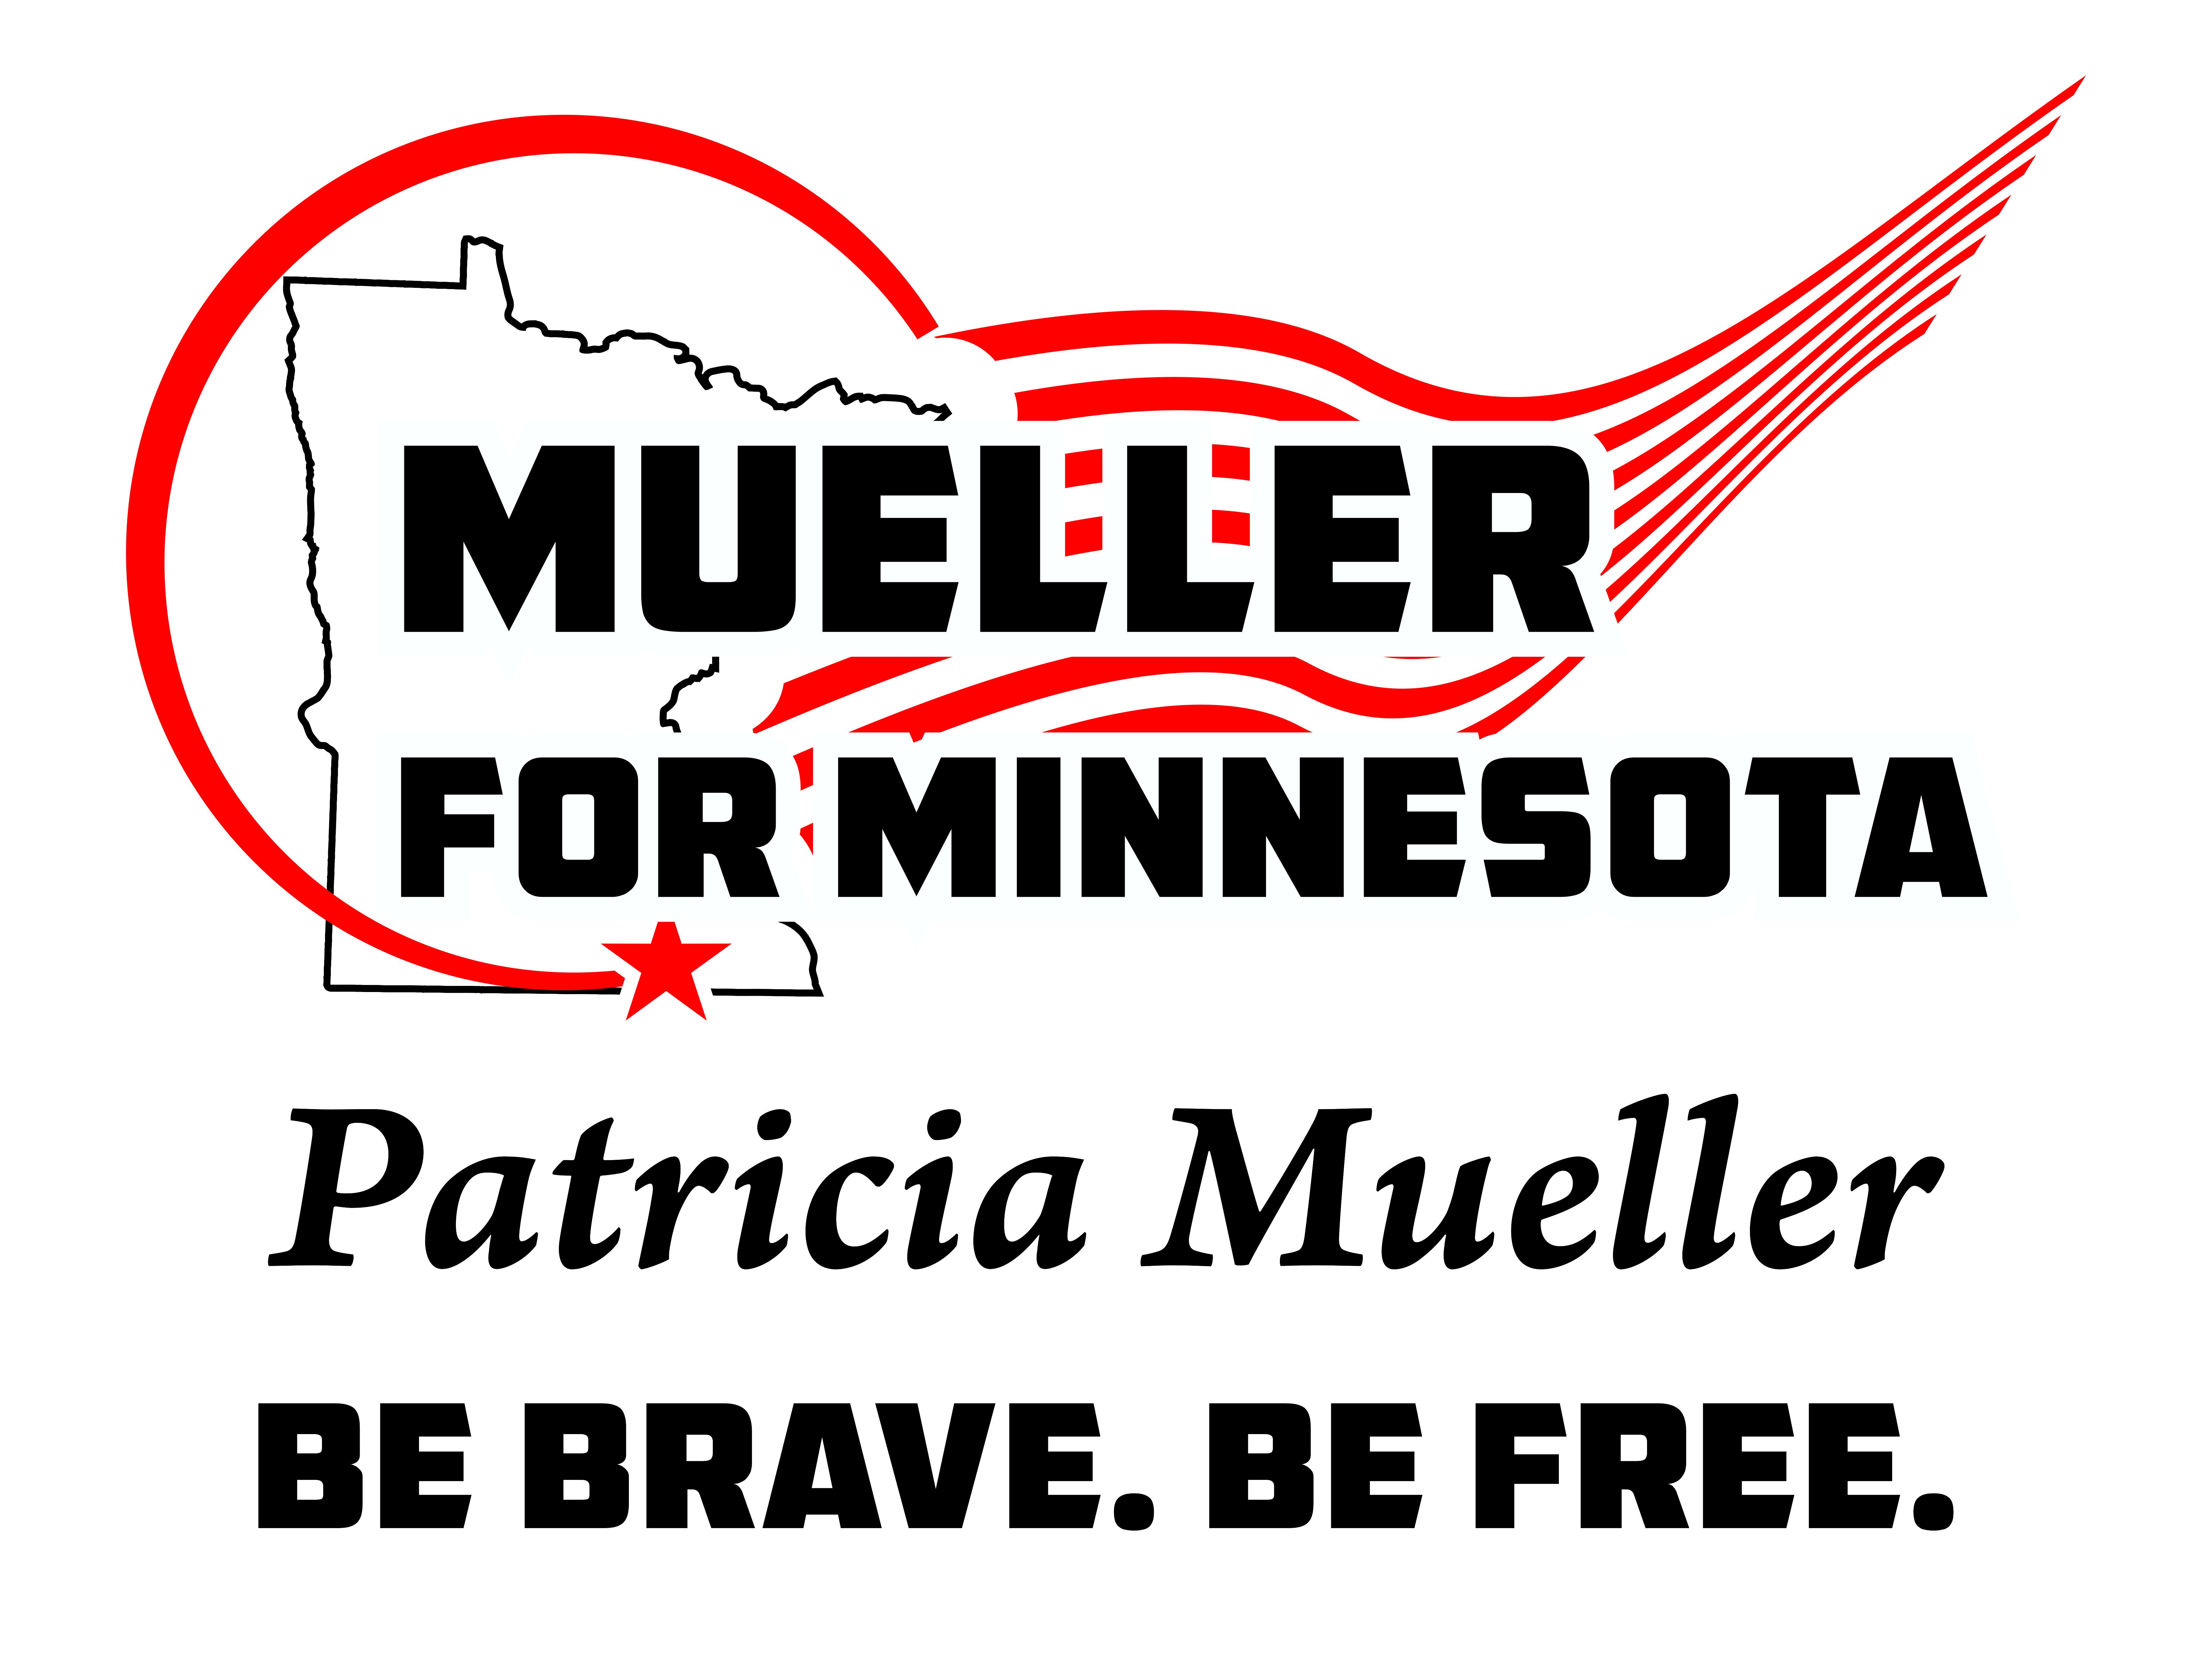 Mueller for MN